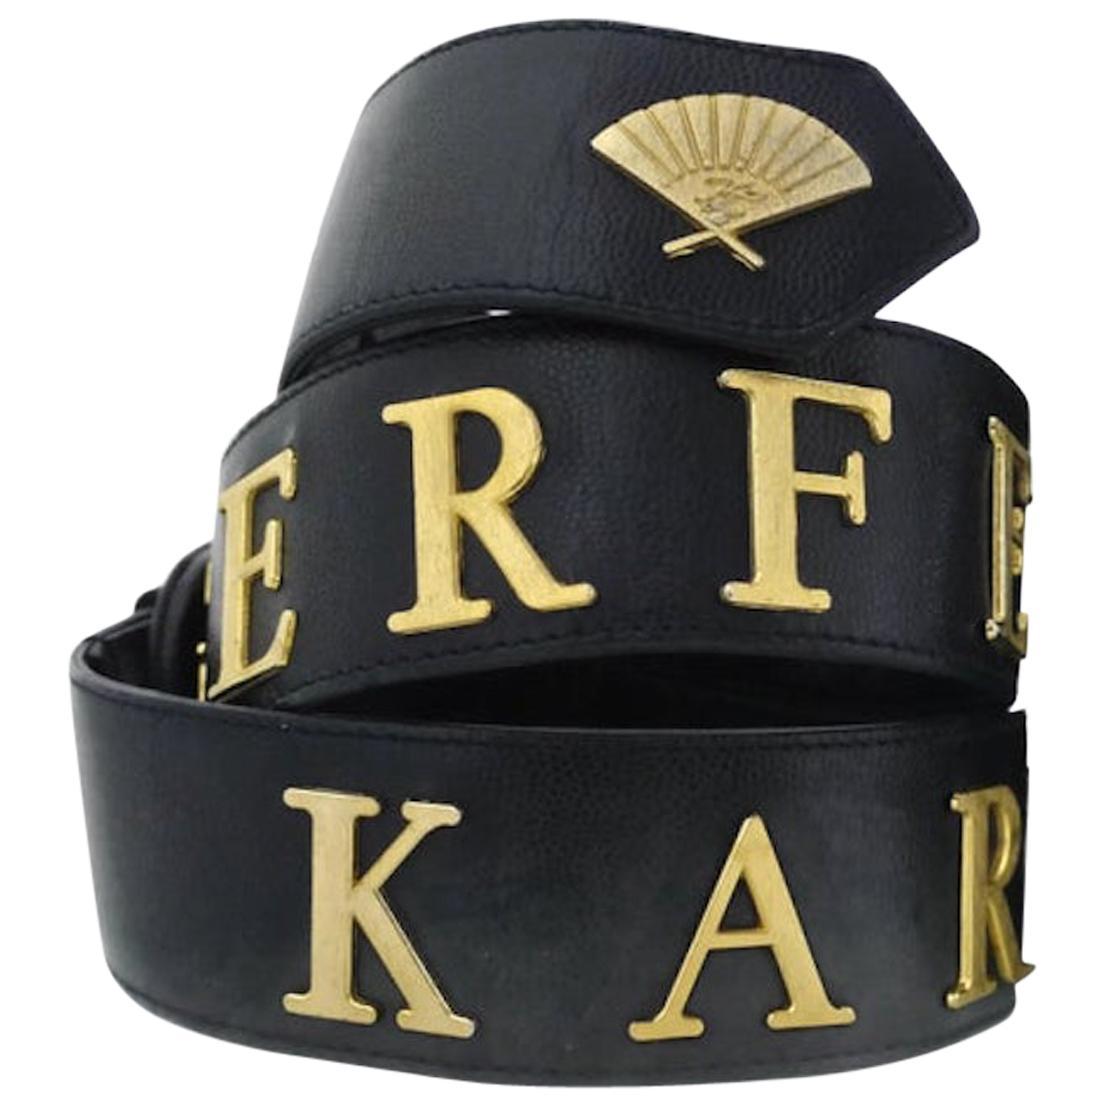 Vintage KARL LAGERFELD Letter Caviar Leather Belt